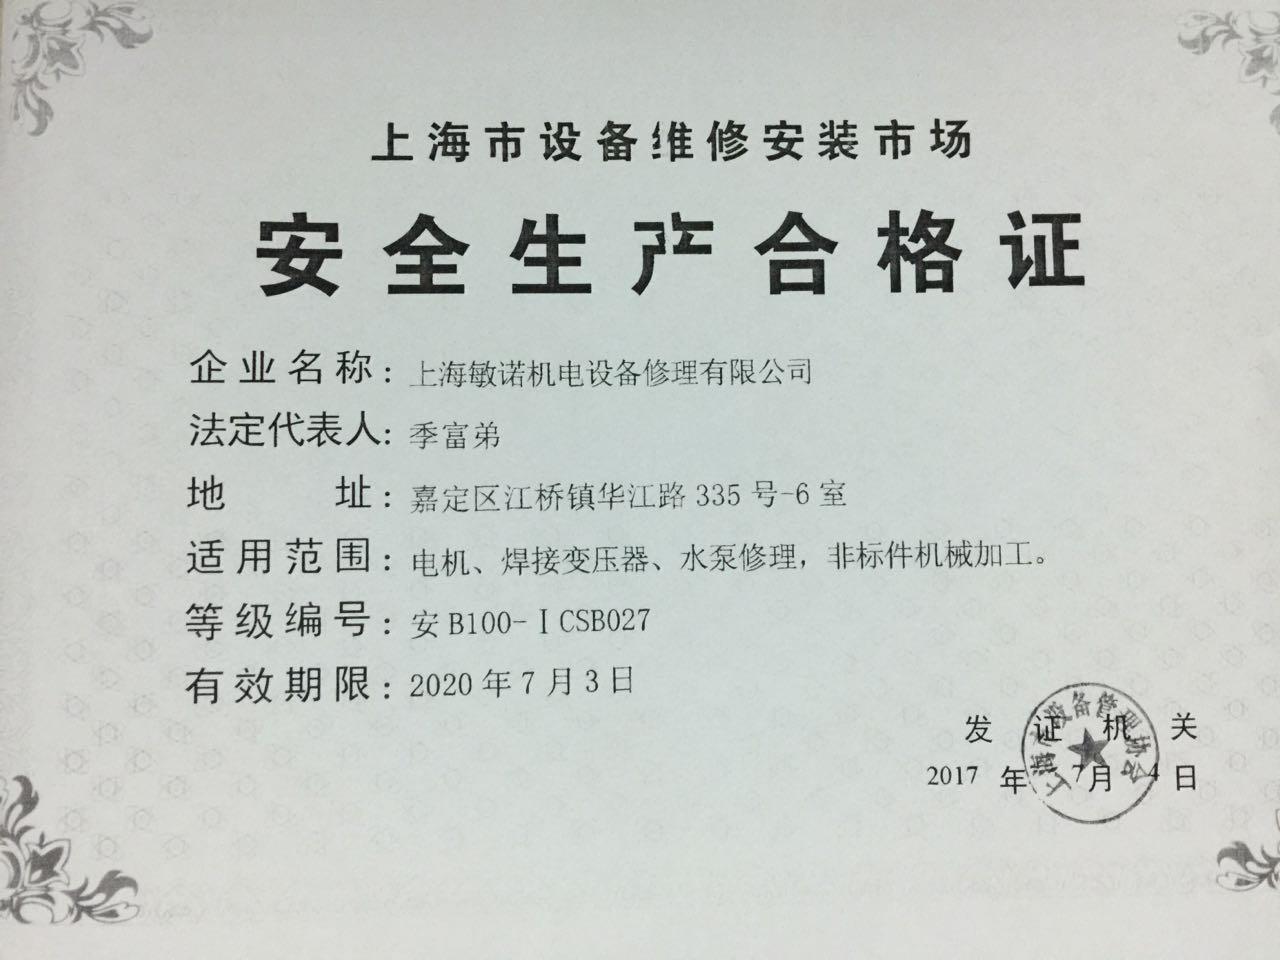 上海市设备维修安装市场安全生产合格证